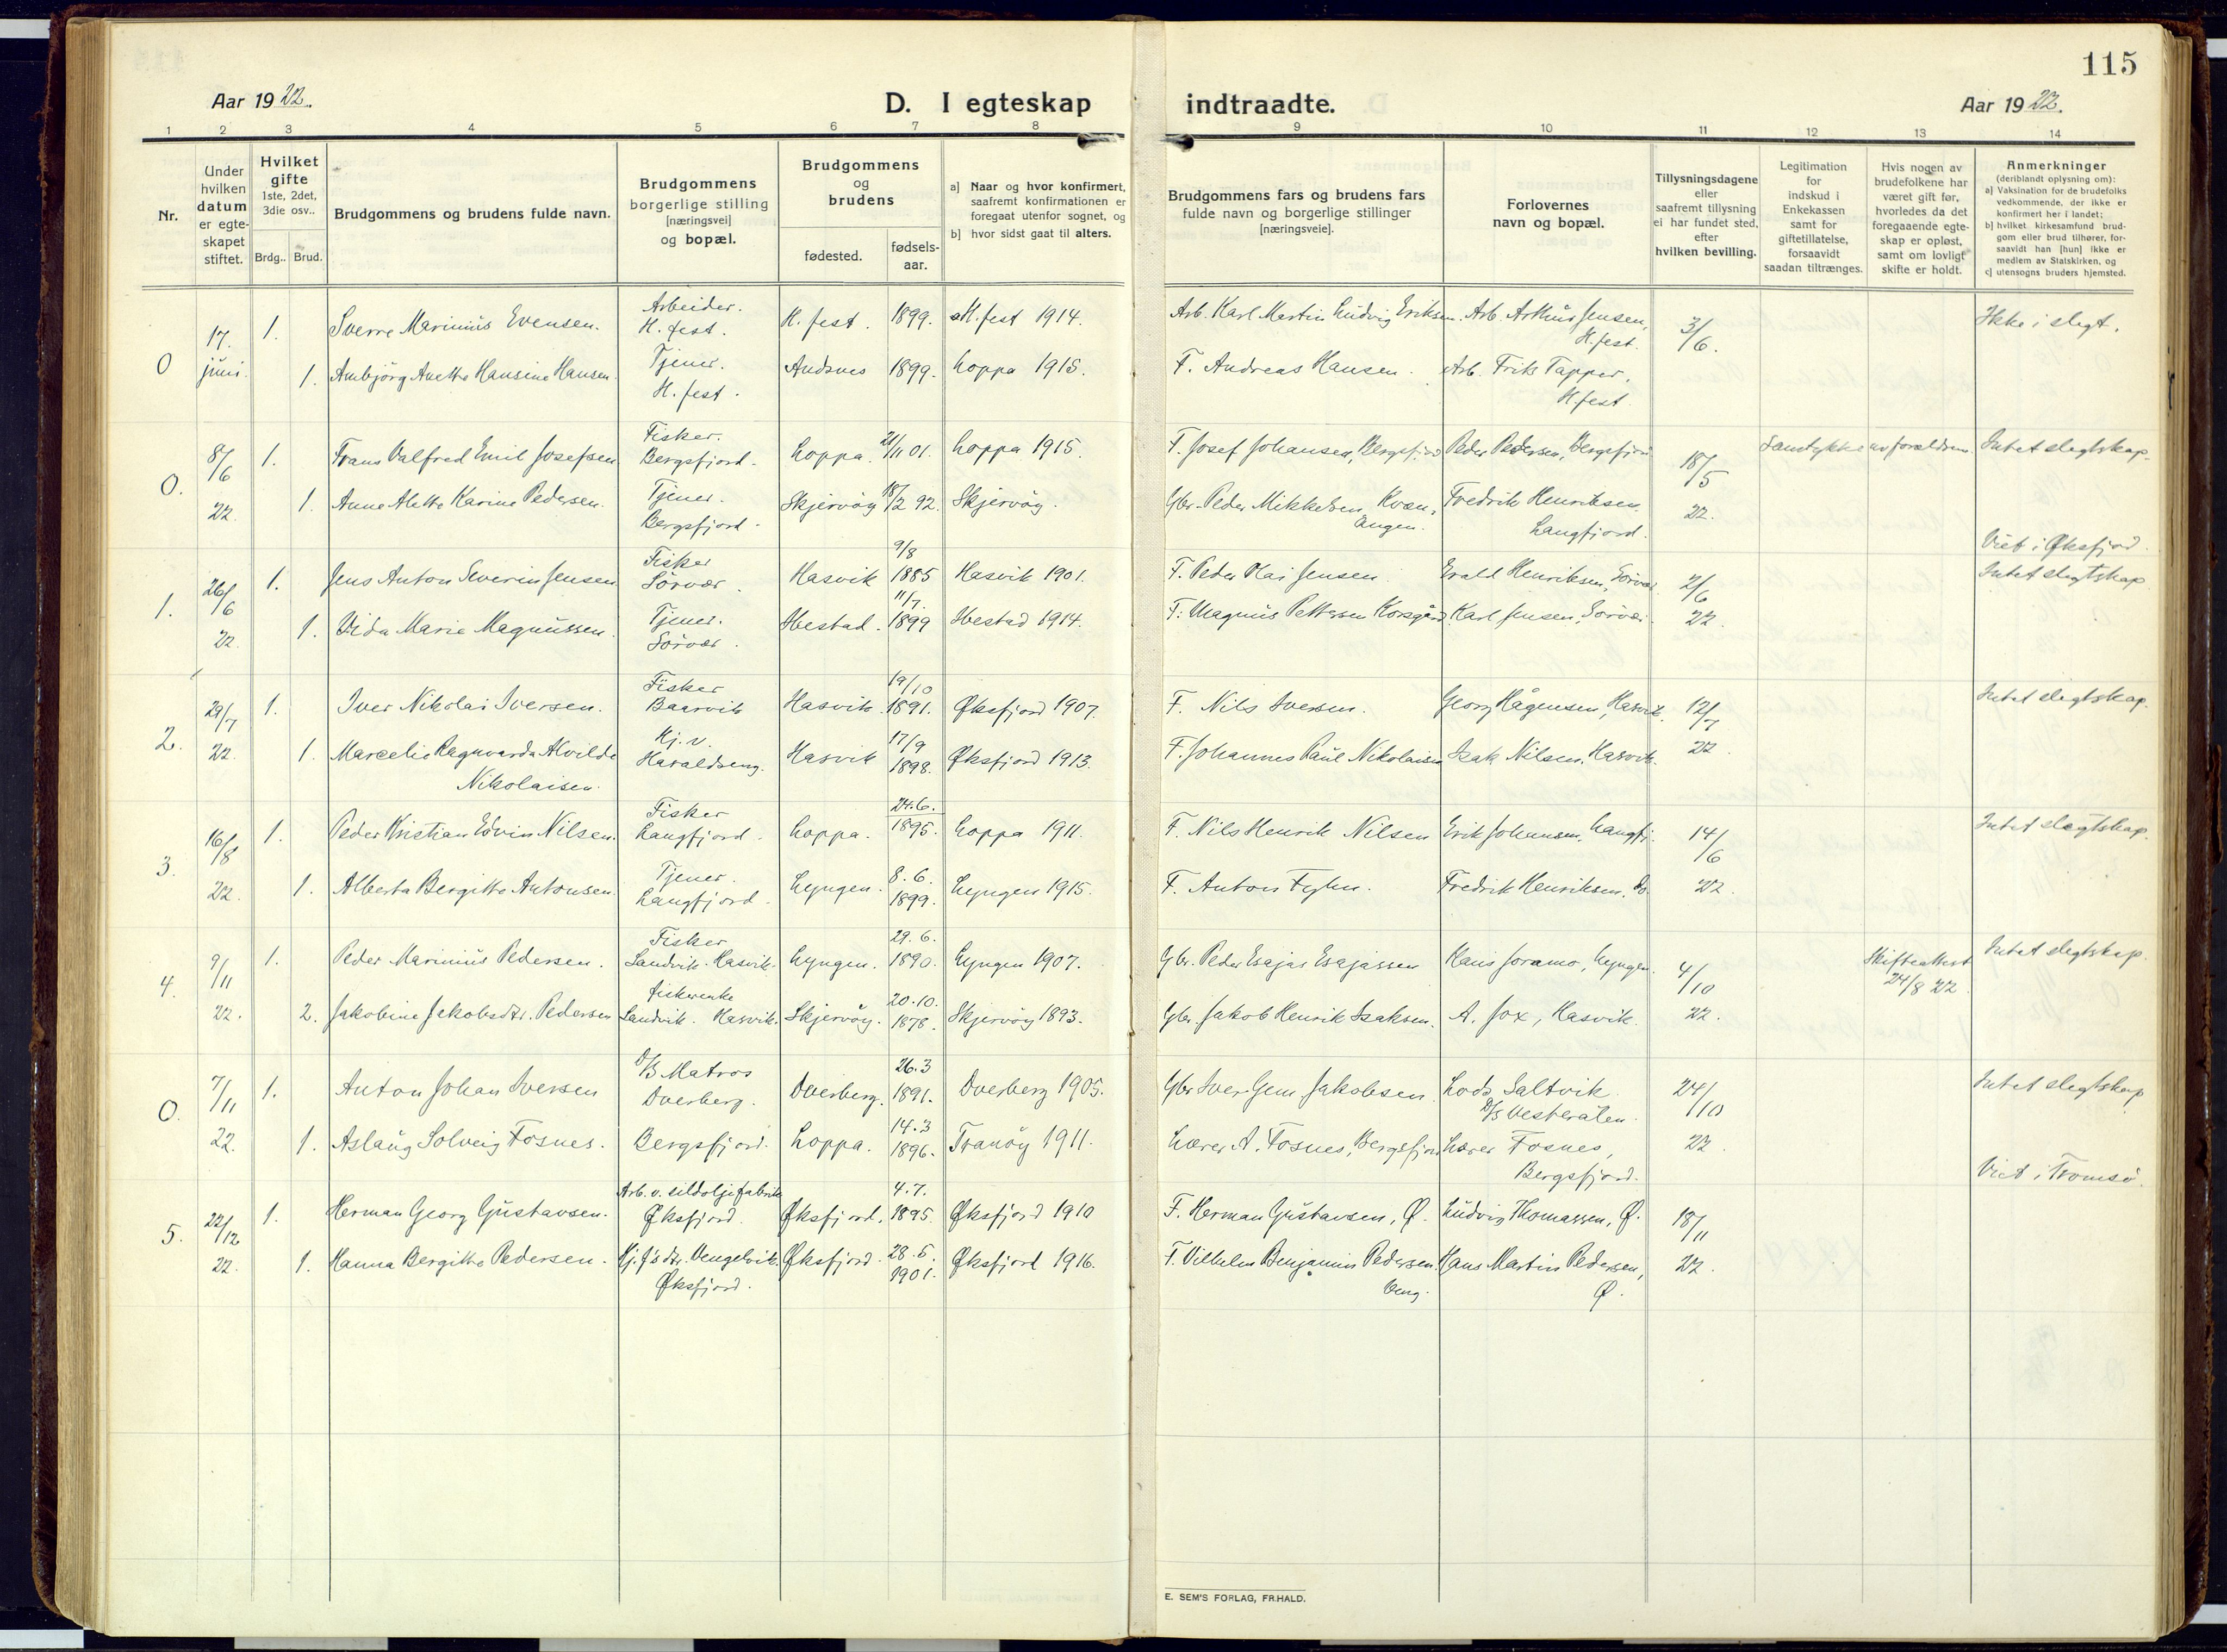 SATØ, Loppa sokneprestkontor, H/Ha/L0013kirke: Ministerialbok nr. 13, 1920-1932, s. 115